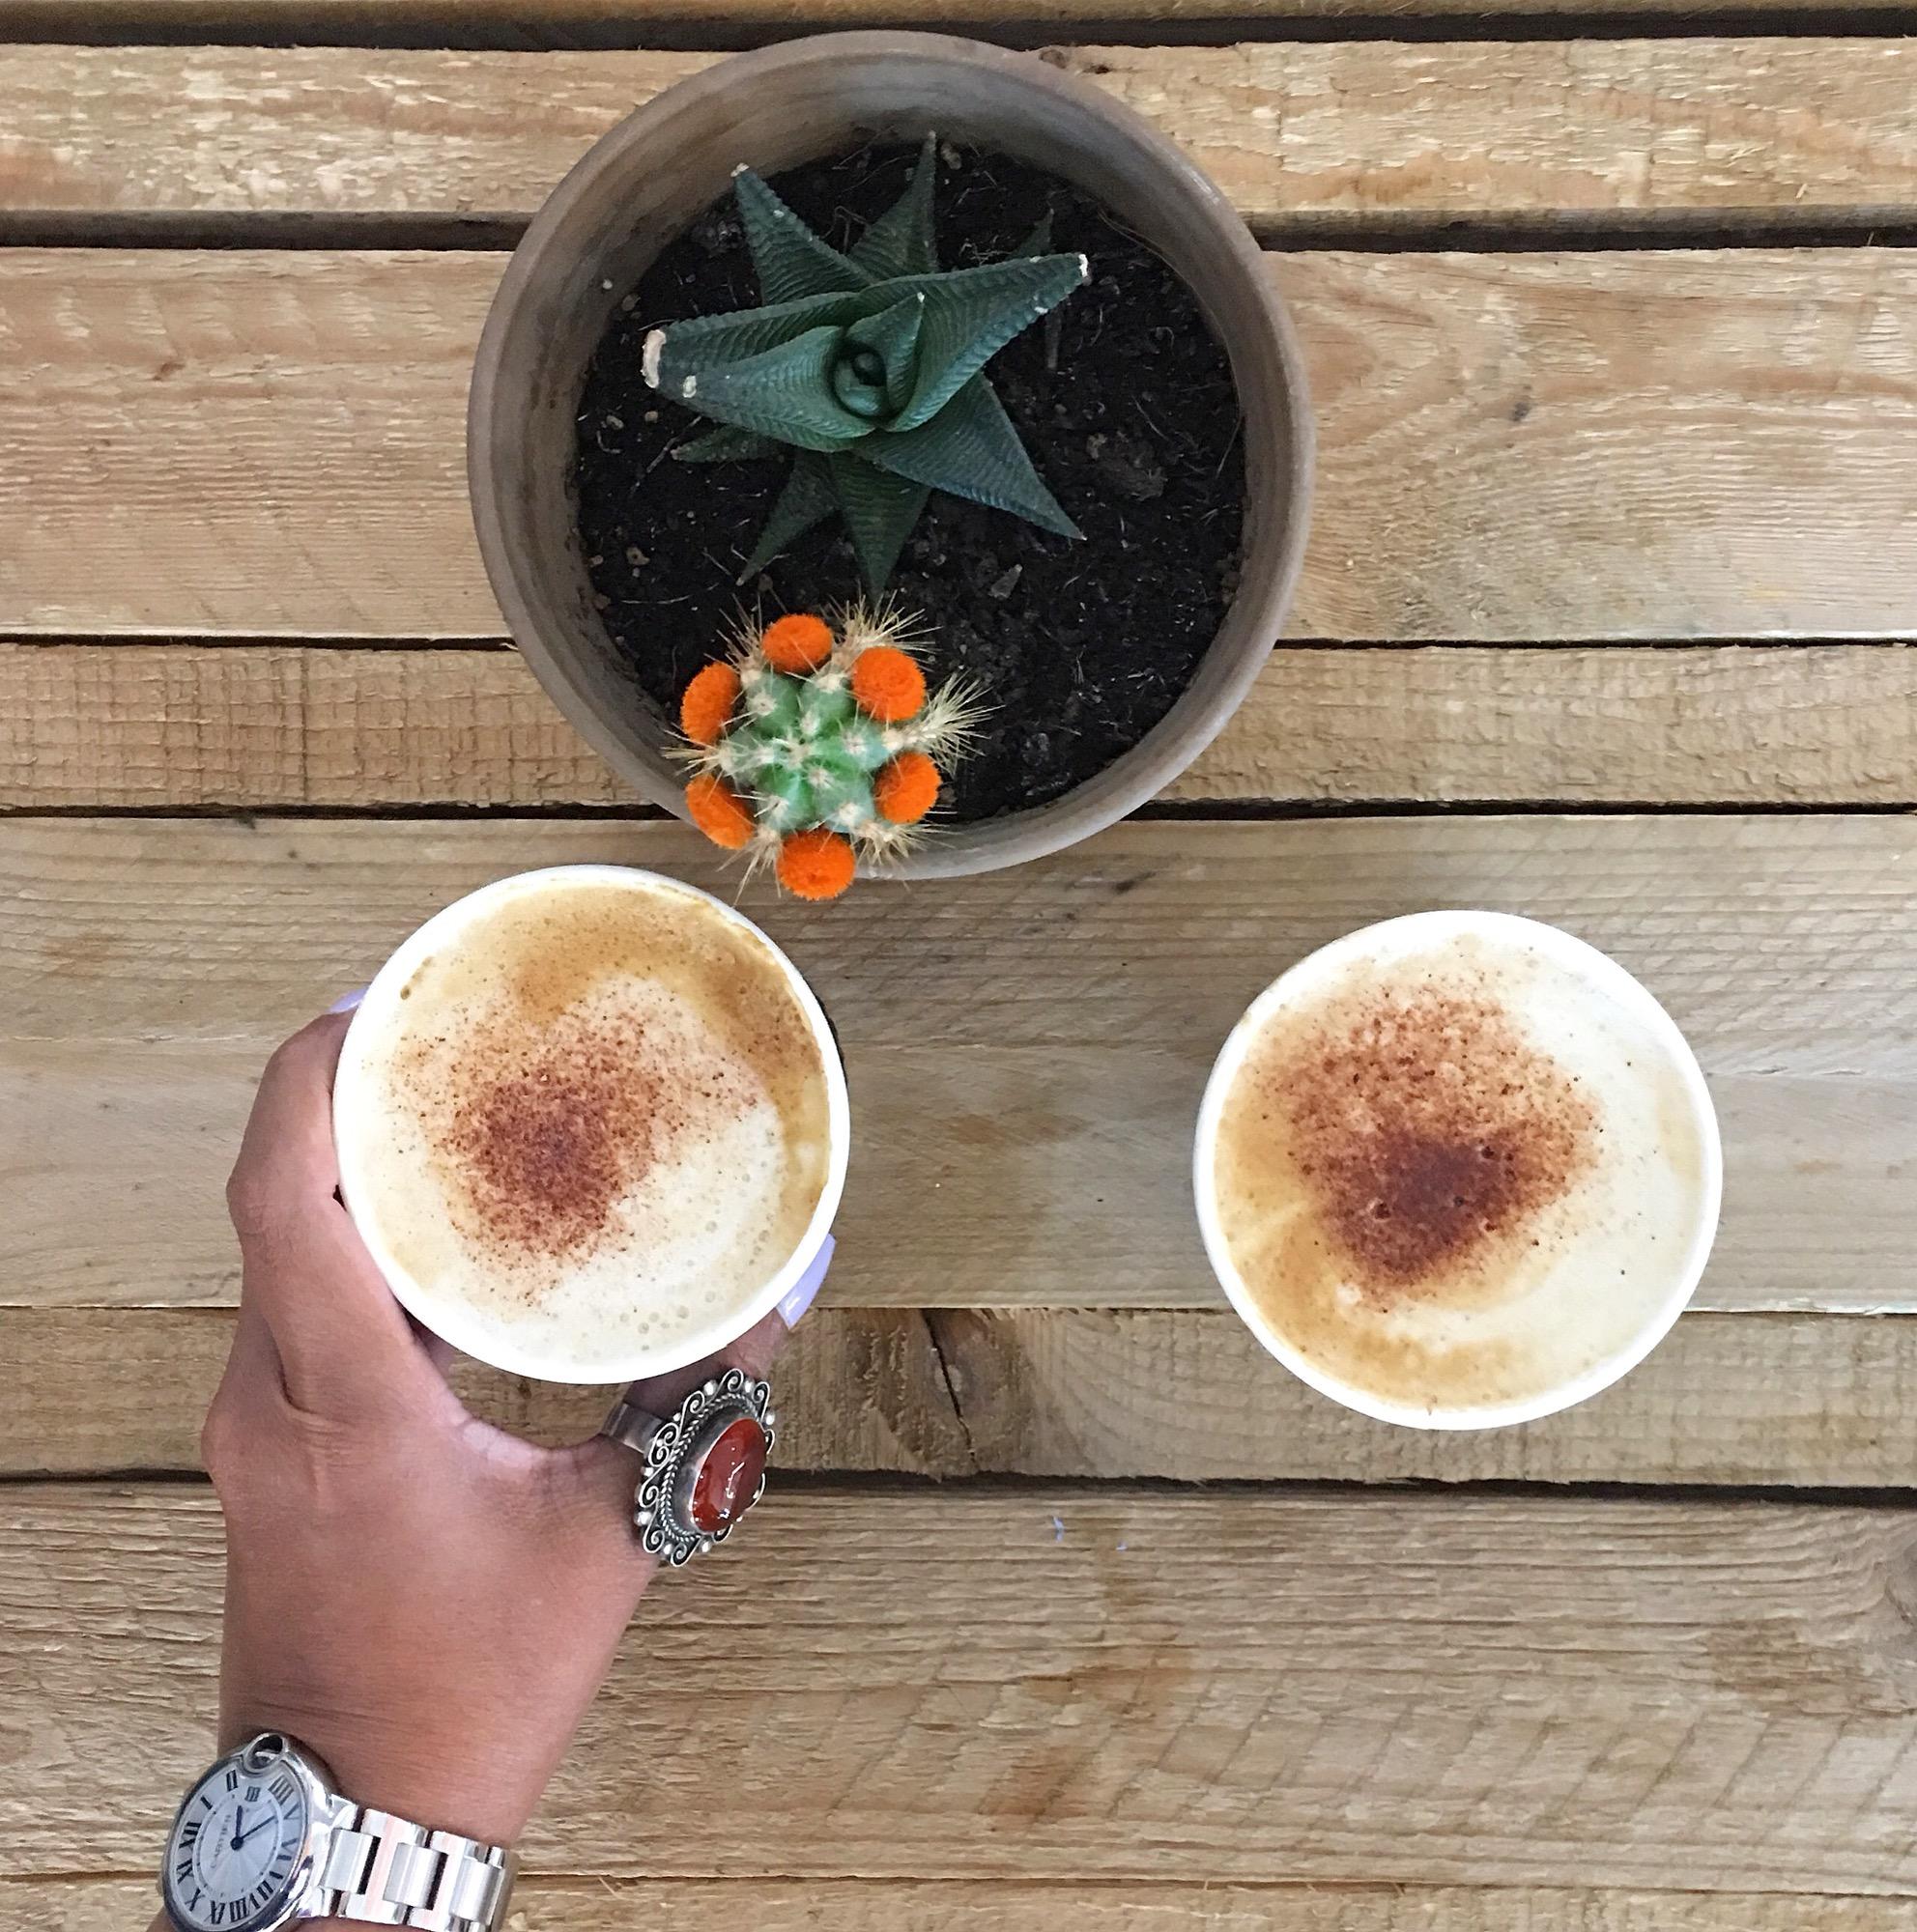 Artisanal Coffee at Ghaf Kitchen